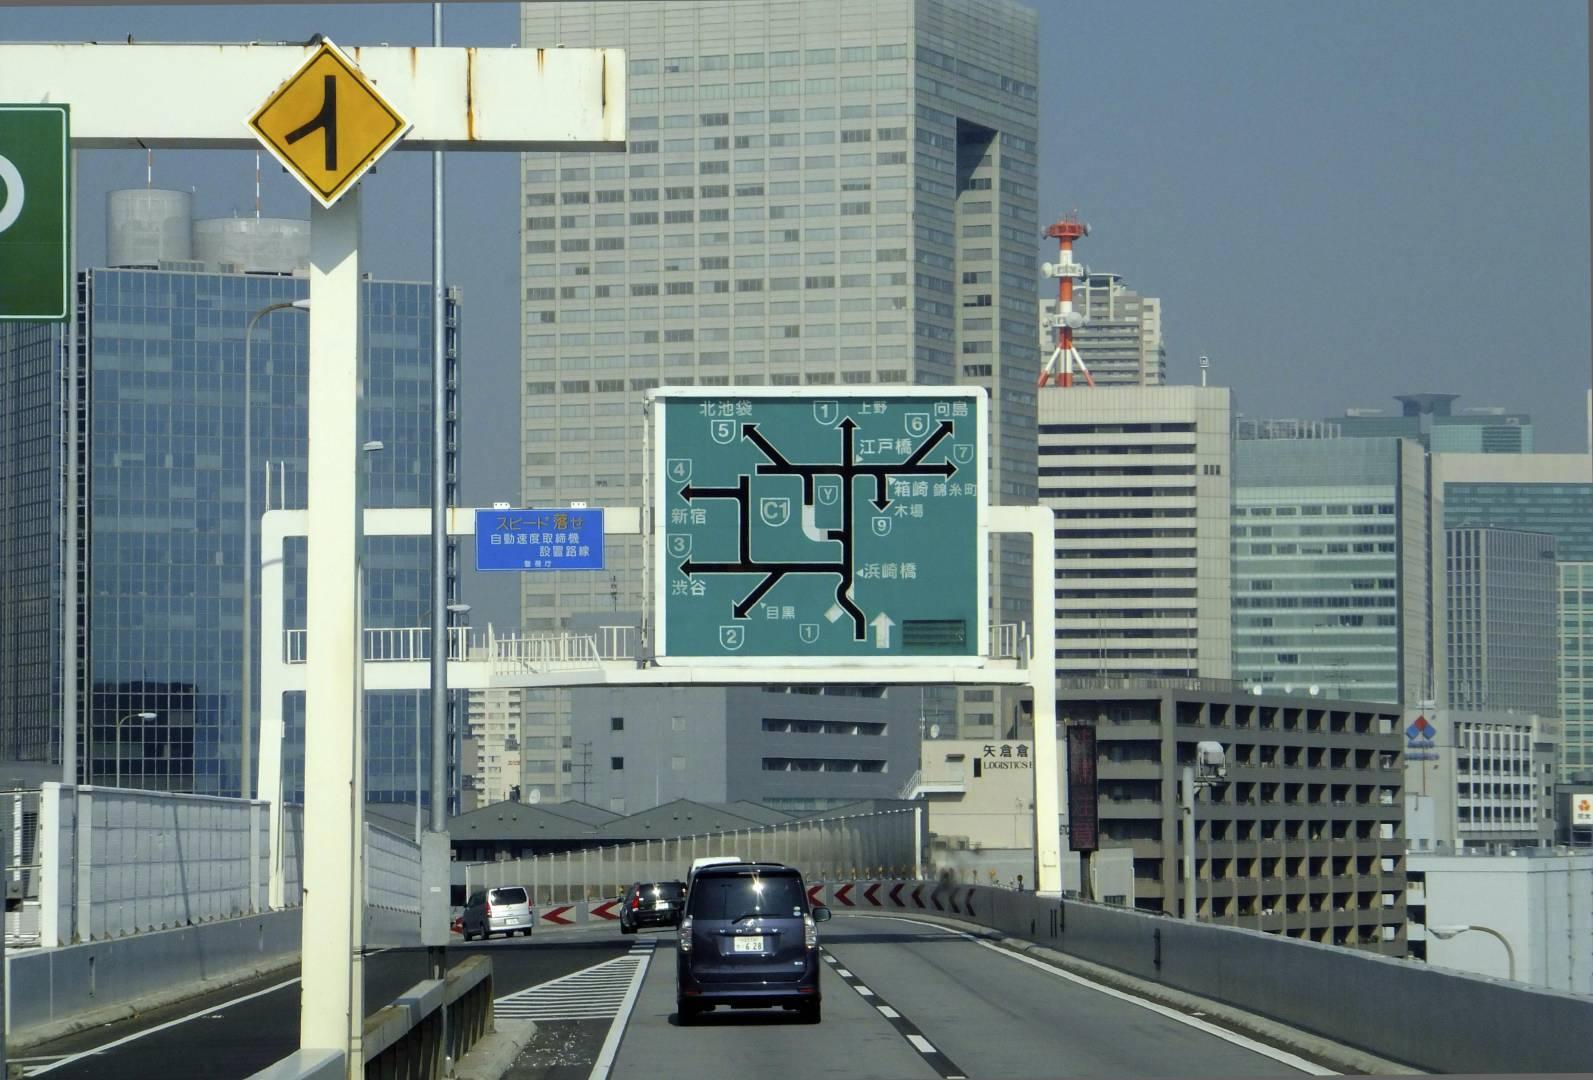 Tokyo road maze